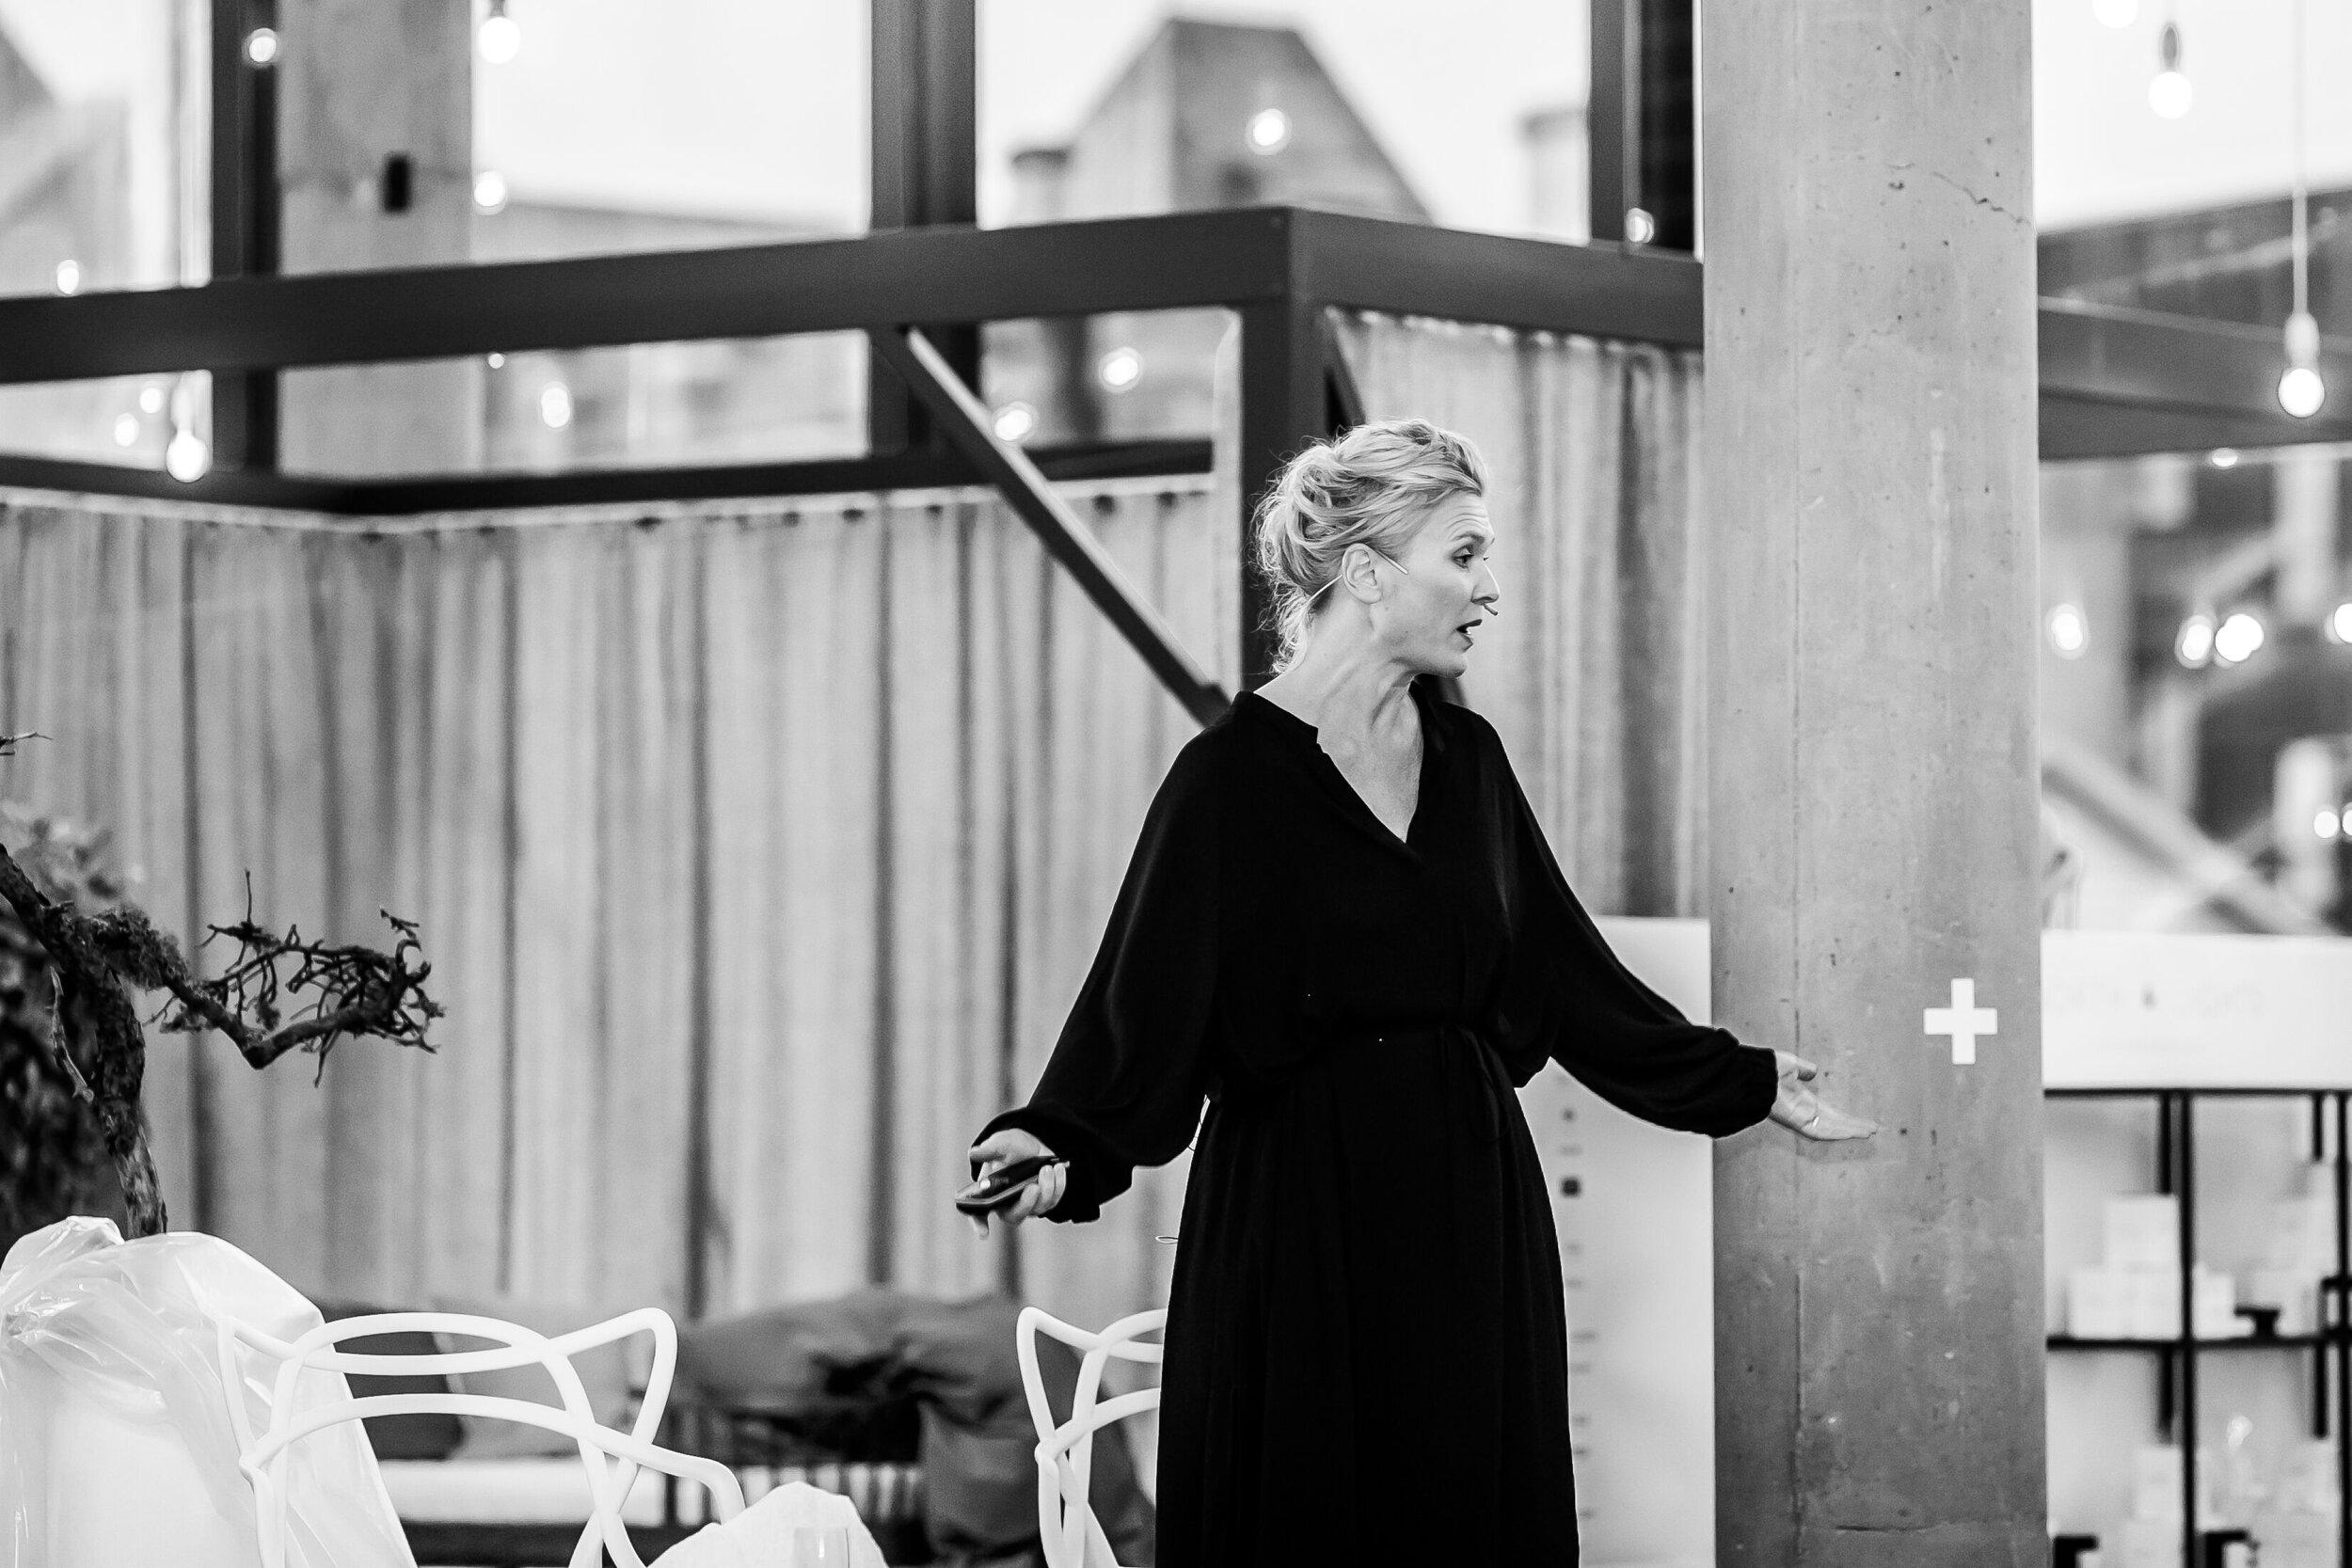 Monica Hannestad engasjerte med sine utspill og har en tydelig stemme i denne samtalen.